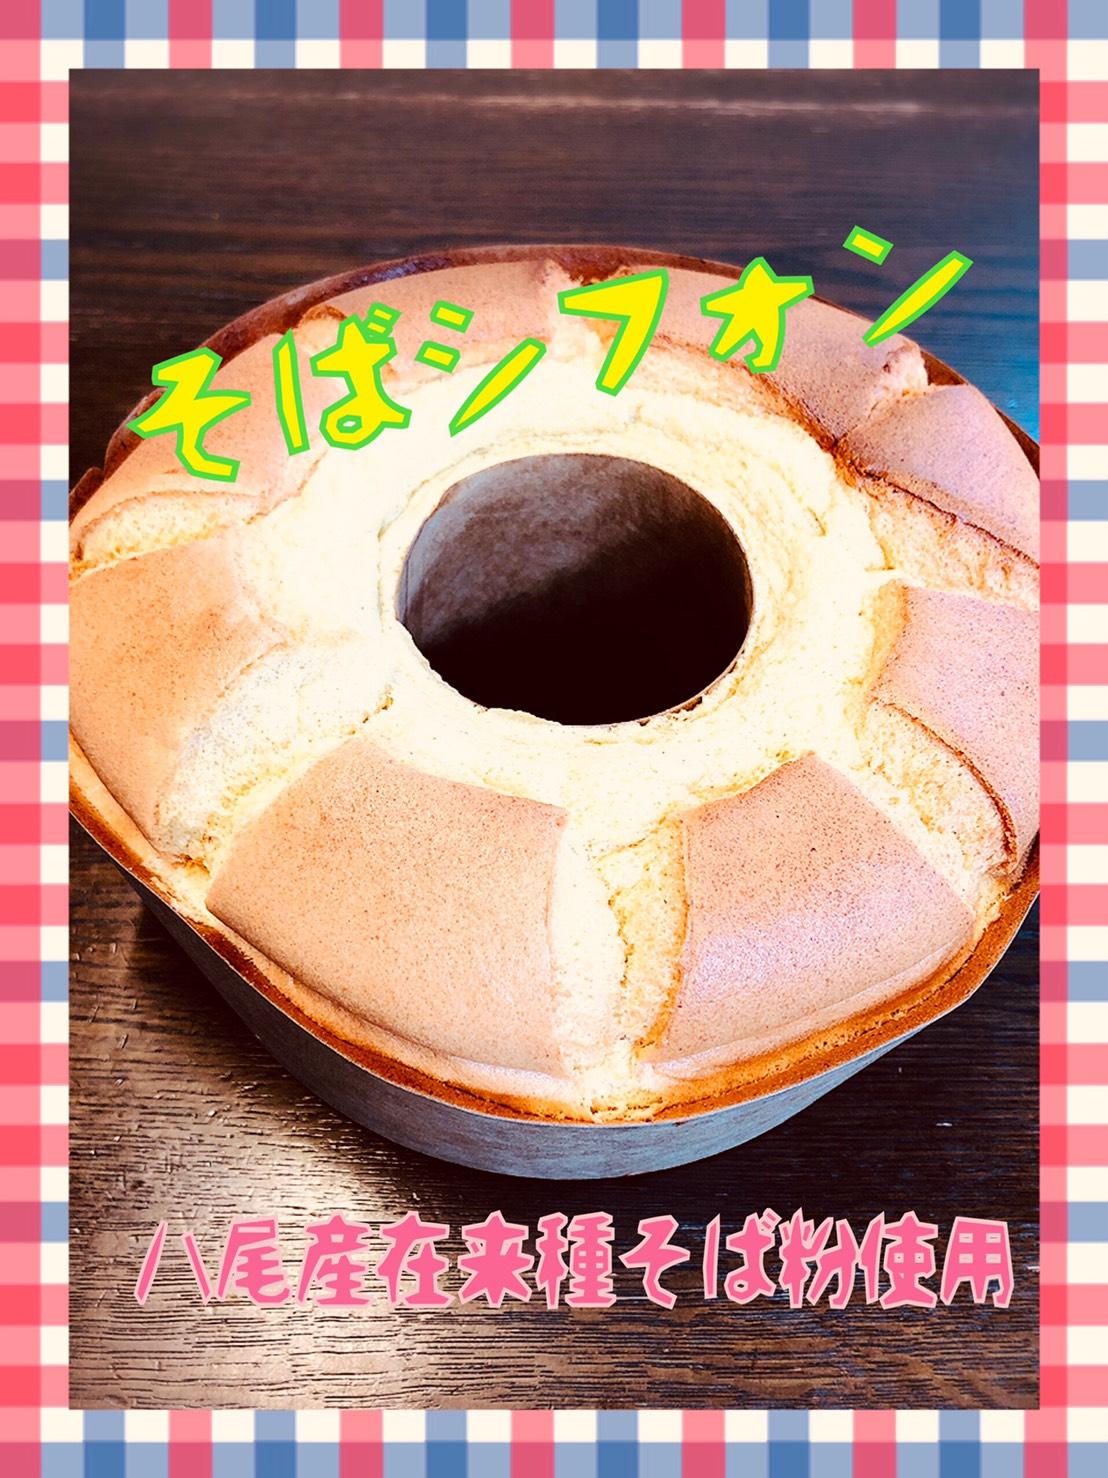 和み蕎 たつの手作りシフォンケーキ登場!